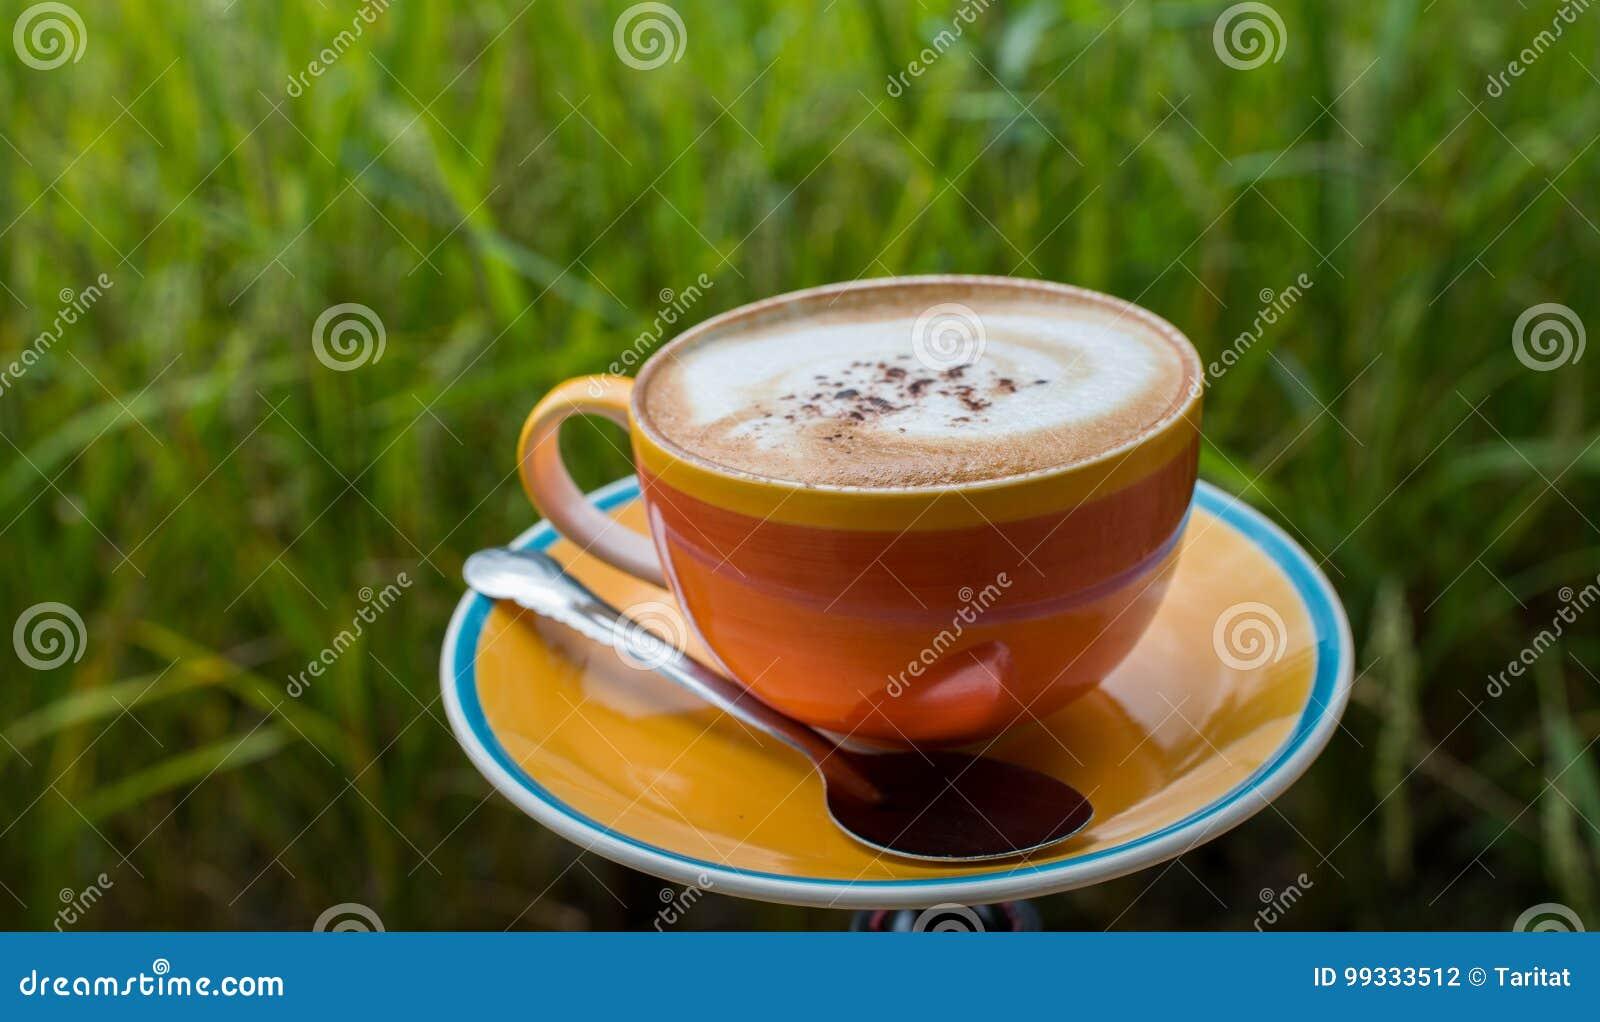 Taza De Café En La Terraza De Madera Con El Campo Verde Del